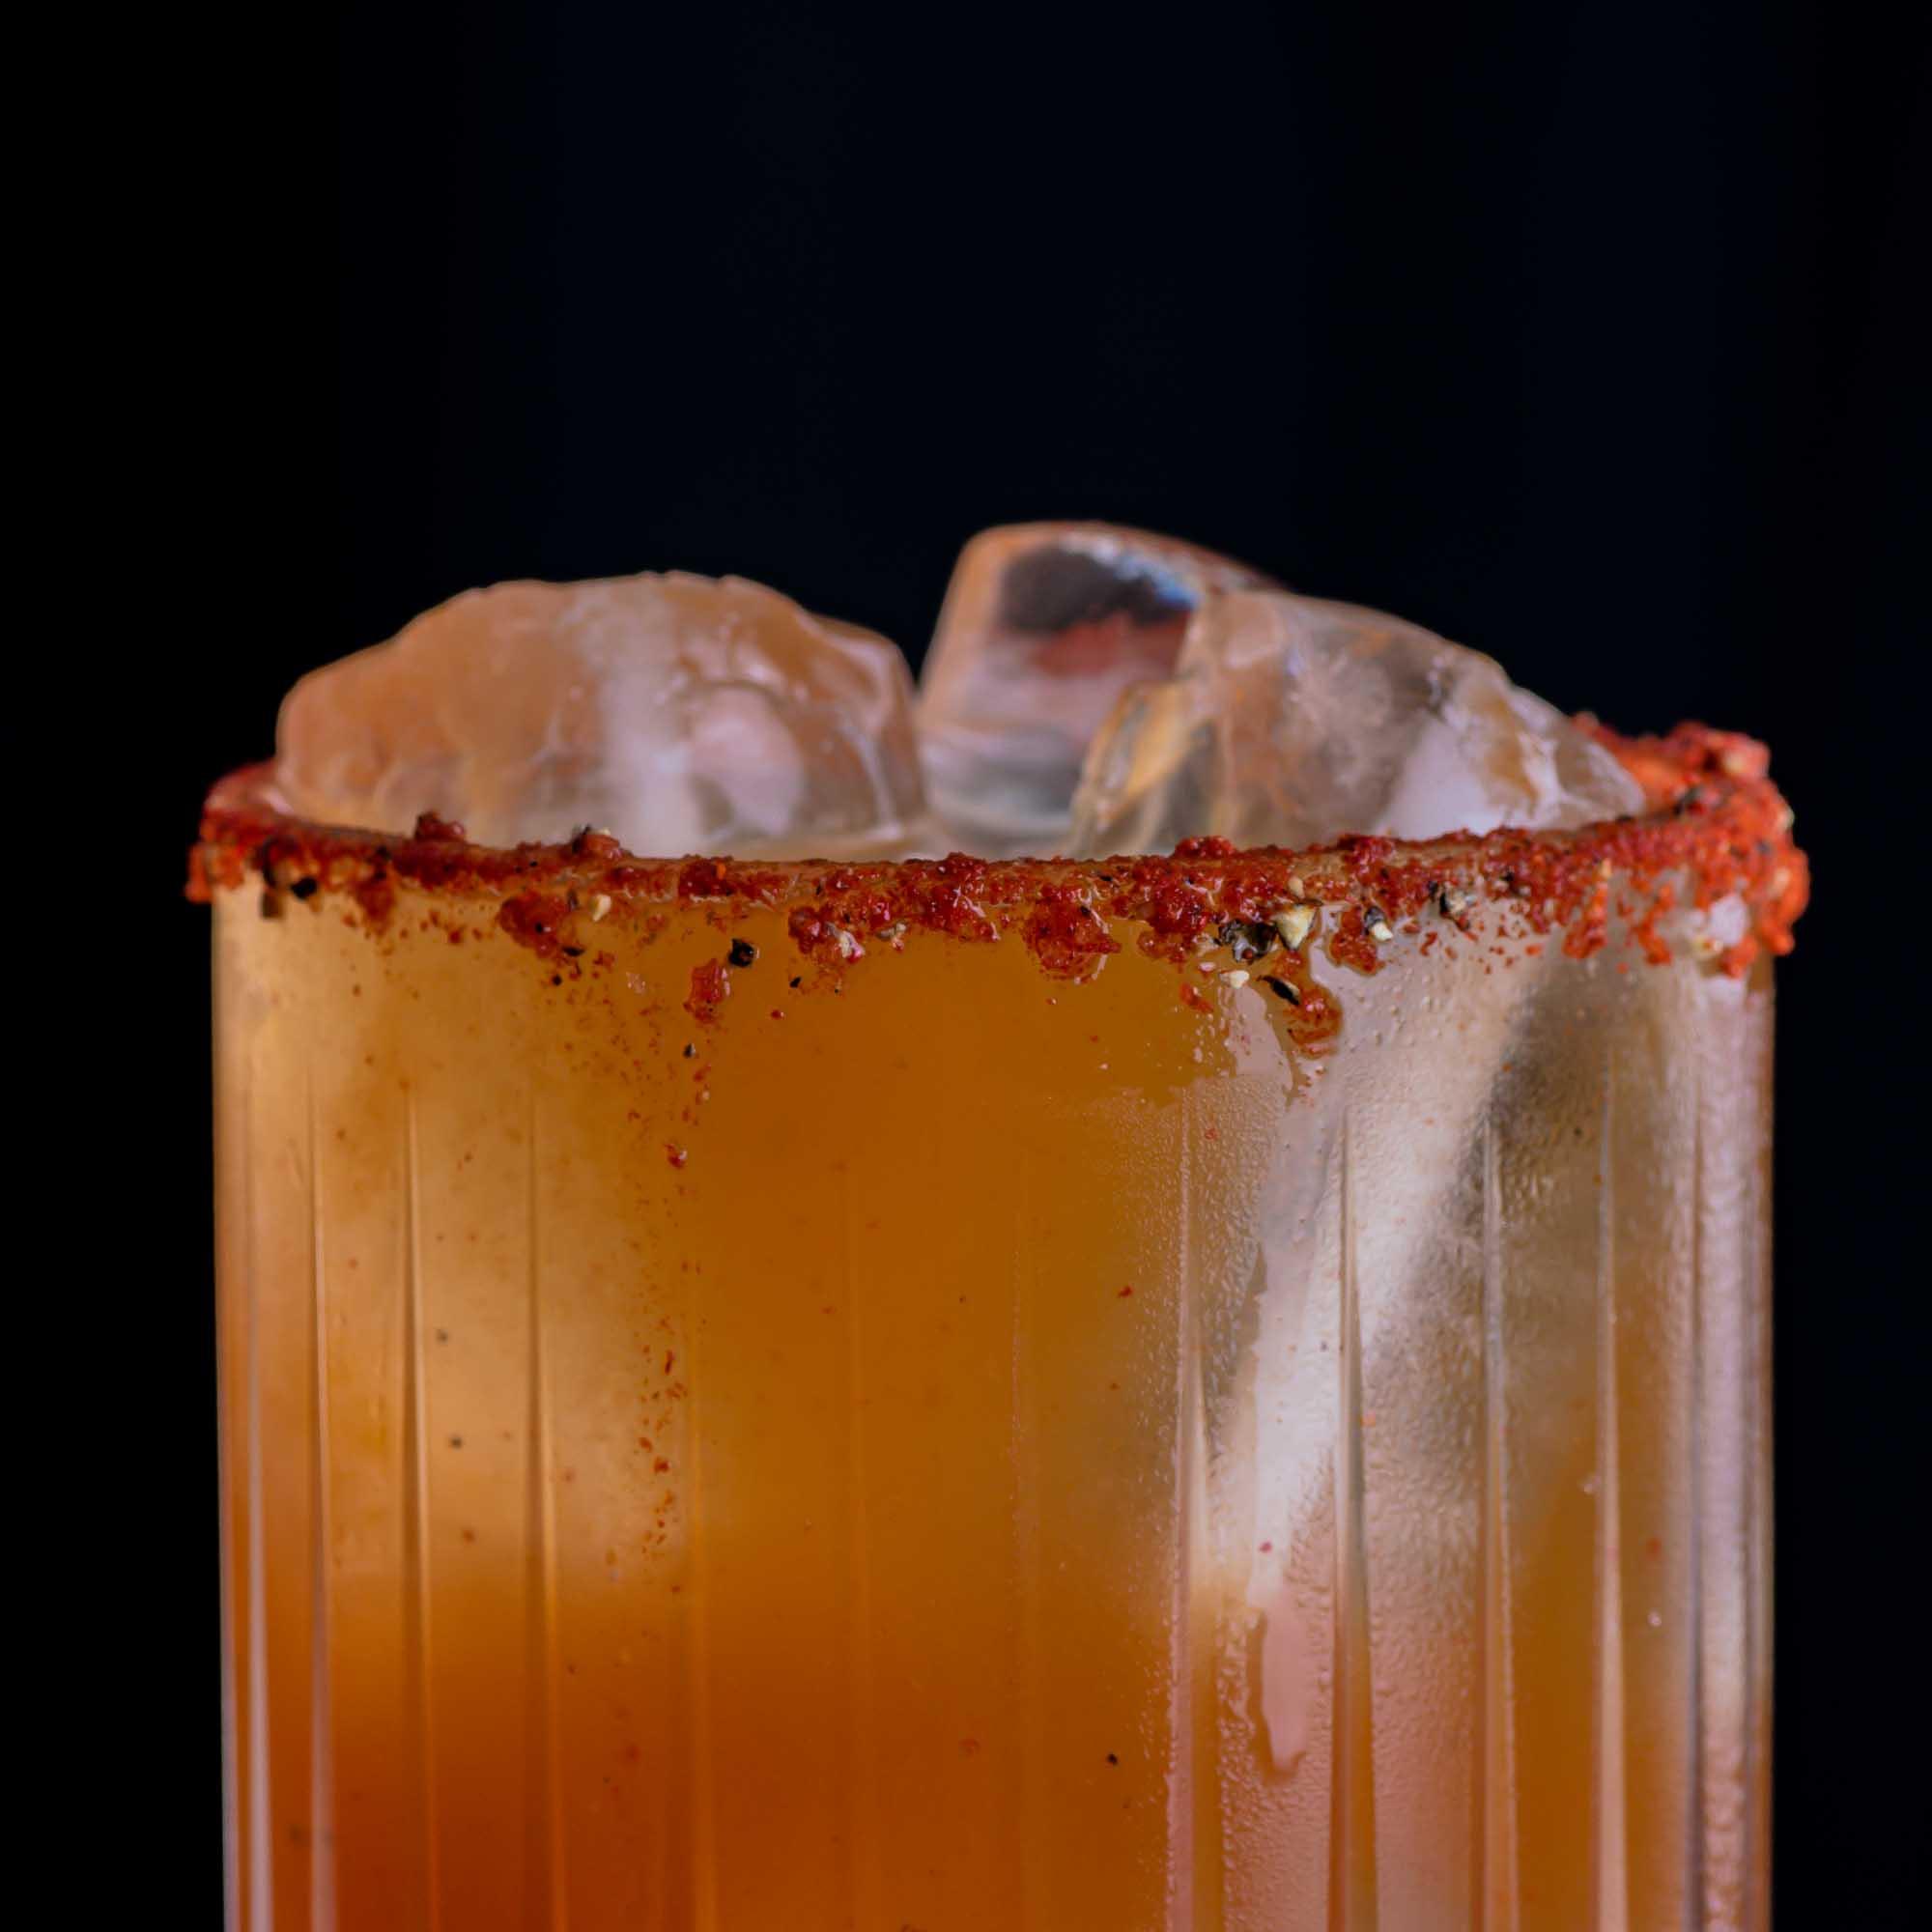 Eine Michelada mit Pfeffer-Chili-Salz-Rim.